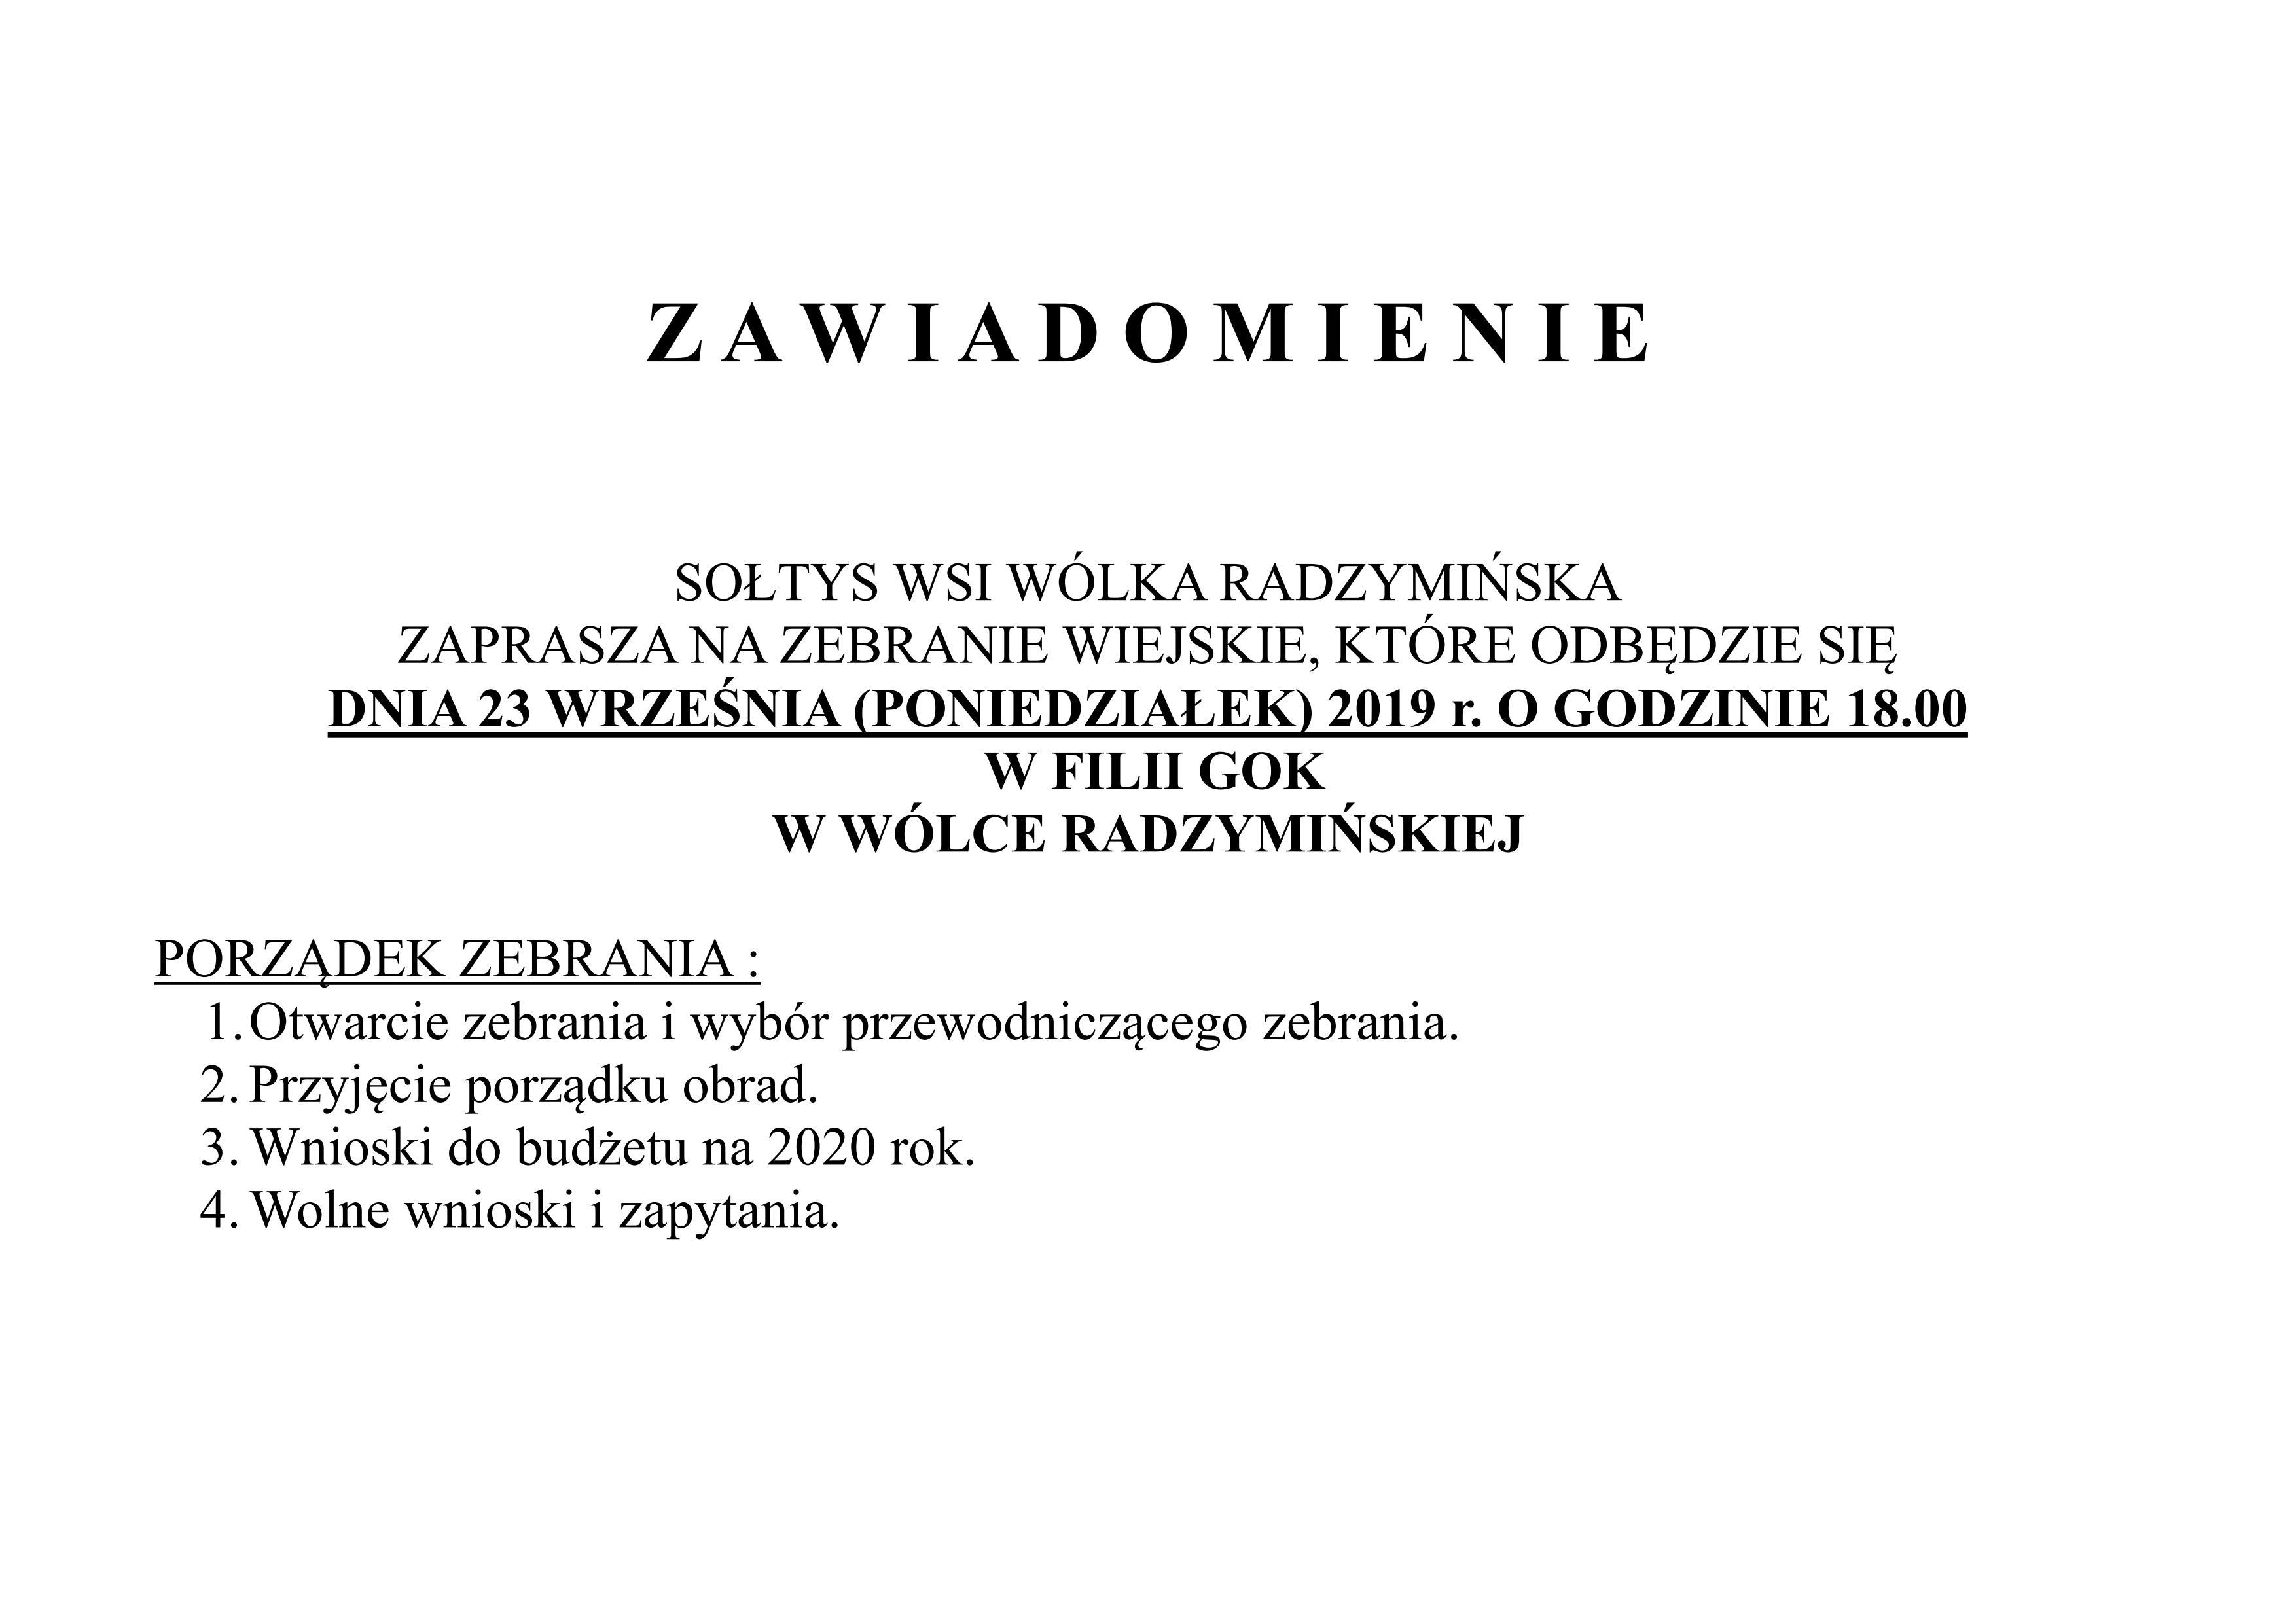 23wrzesnia_wolka